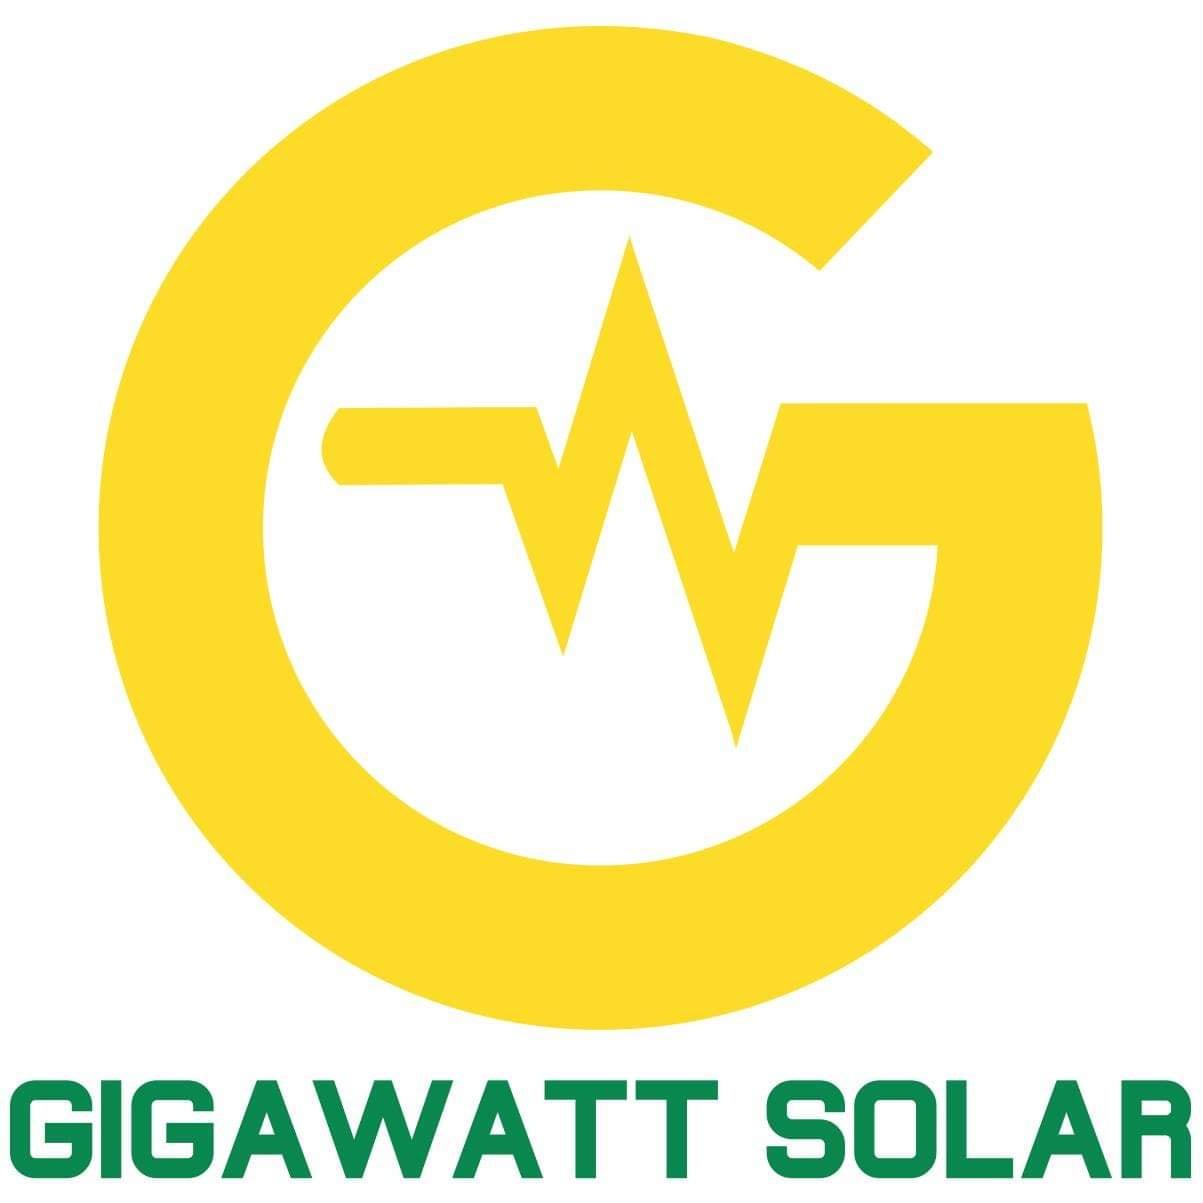 Công ty TNHH Năng Lượng Gigawatt